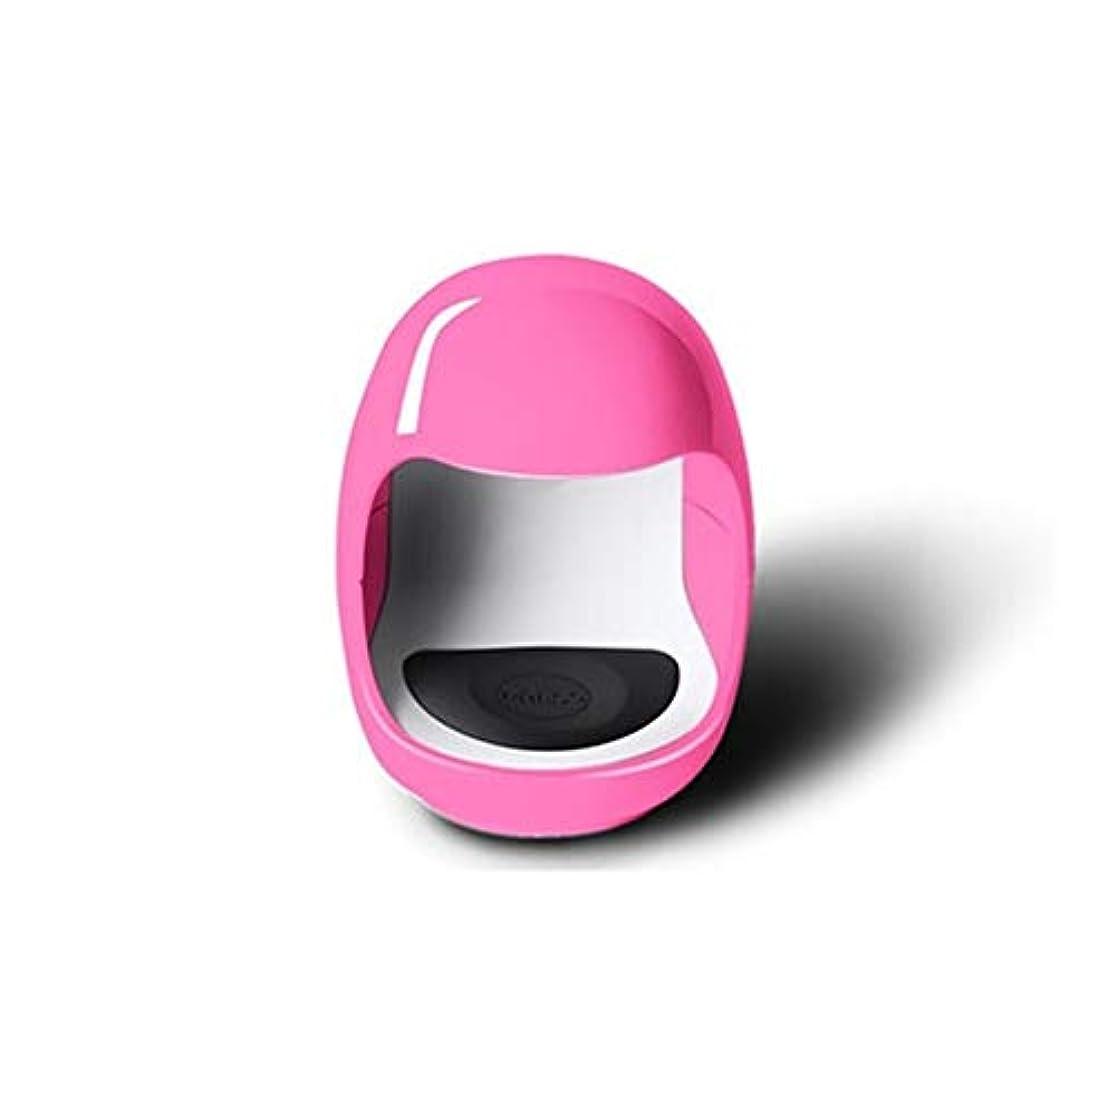 打倒小説ホステルLittleCat ネイル光線療法のミニUSB太陽灯ライトセラピーランプLEDランプ速乾性ネイルポリッシュベーキングゴム (色 : Pink without data cable)